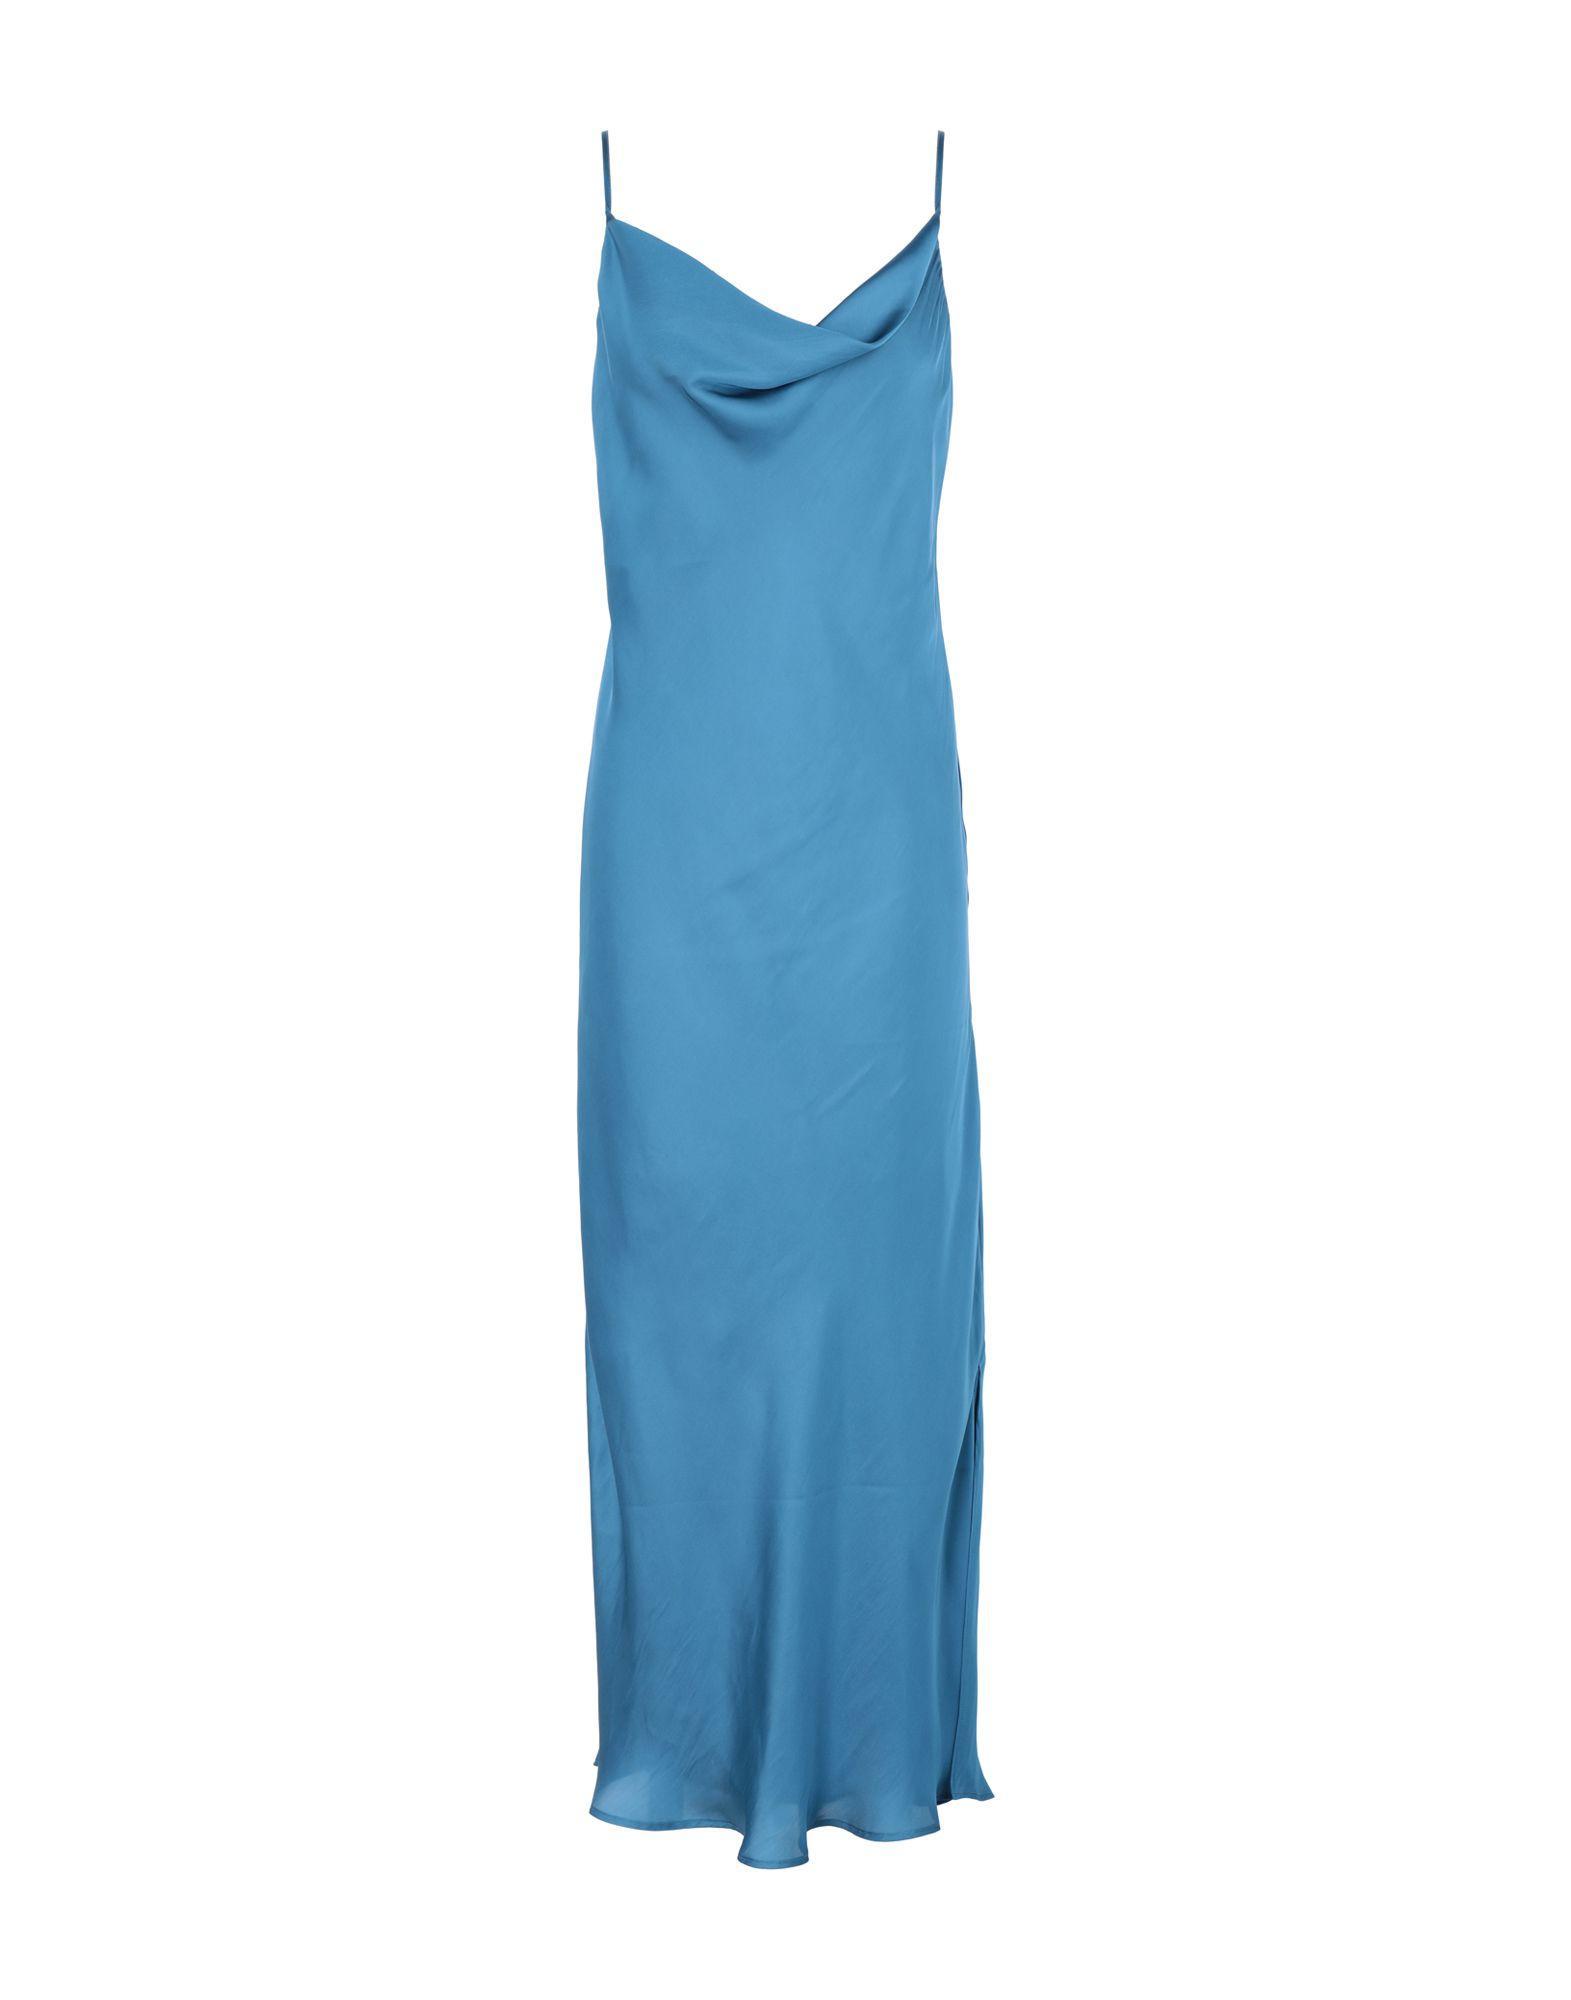 Платье  - Коричневый,Синий цвет